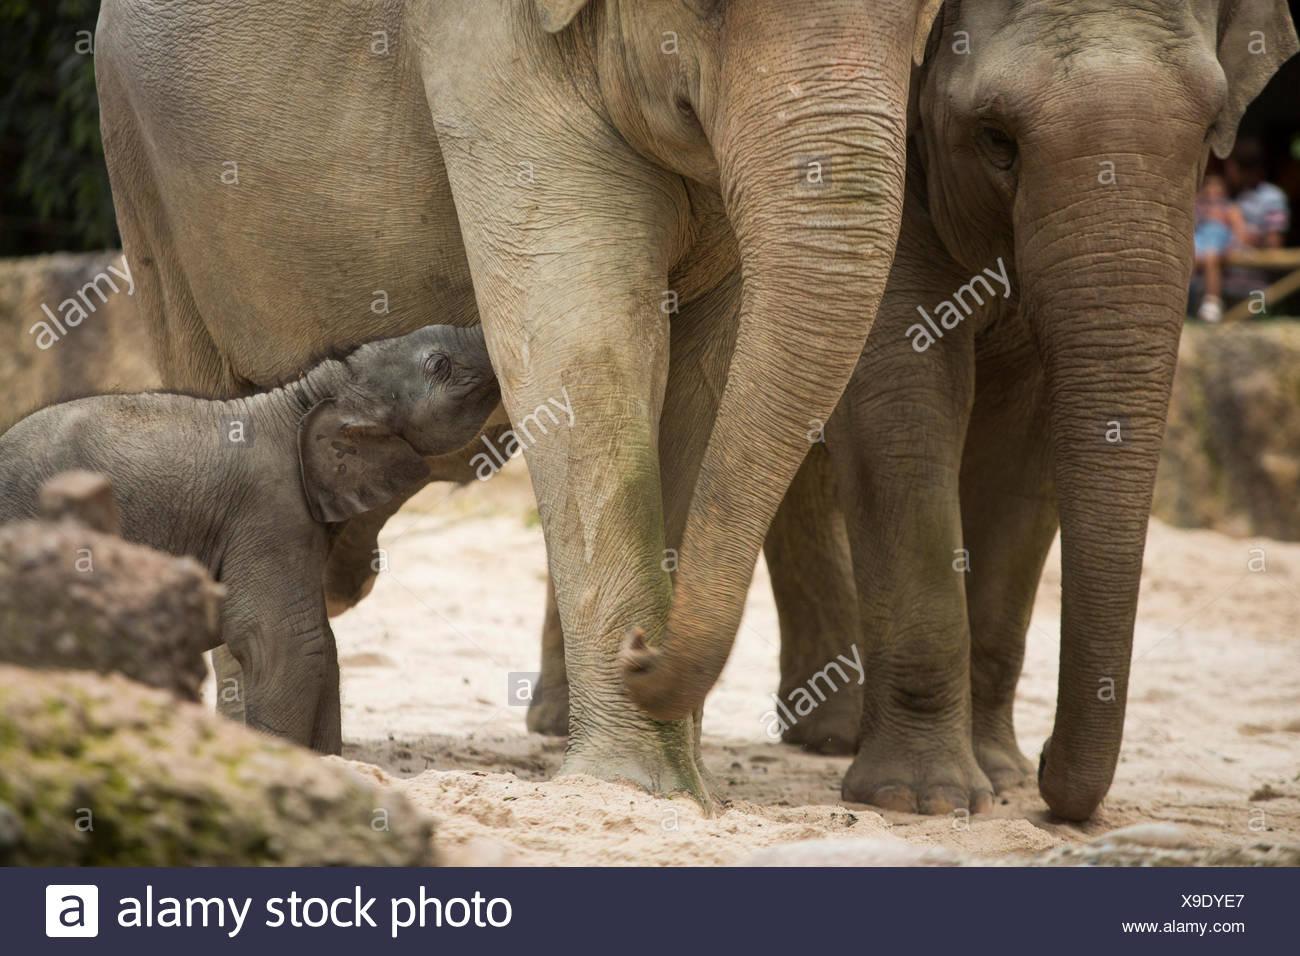 Los animales, los elefantes, los jóvenes, el elefante, el Zoológico de Zurich, animales, el cantón de Zurich, zoológico, Suiza, Europa, Foto de stock